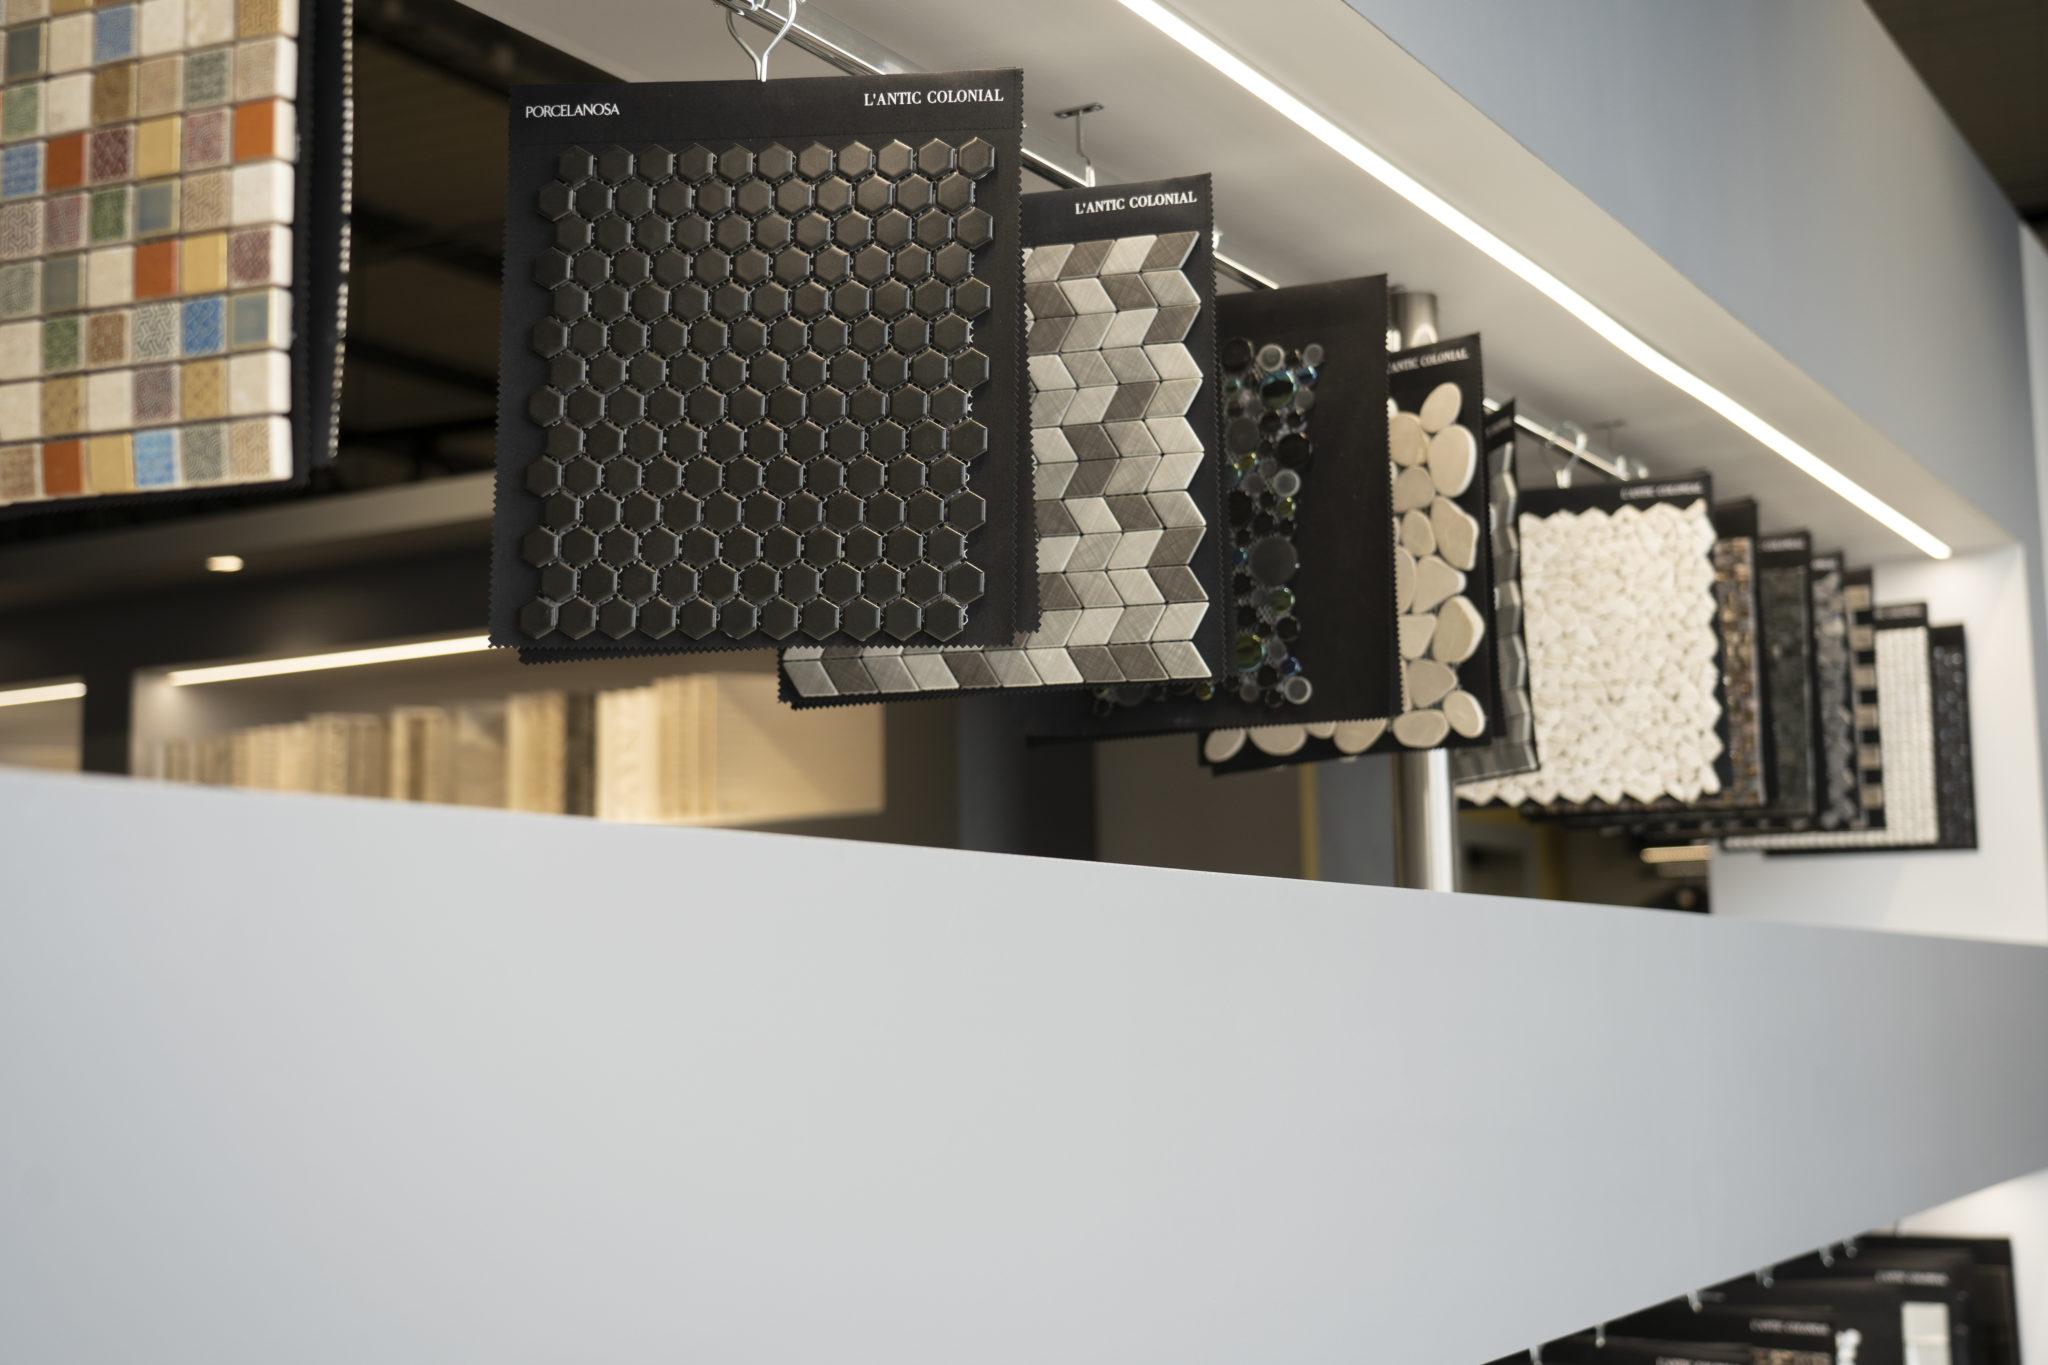 Carrelage : la plus belle matériauthèque chez Loïc Gréaume